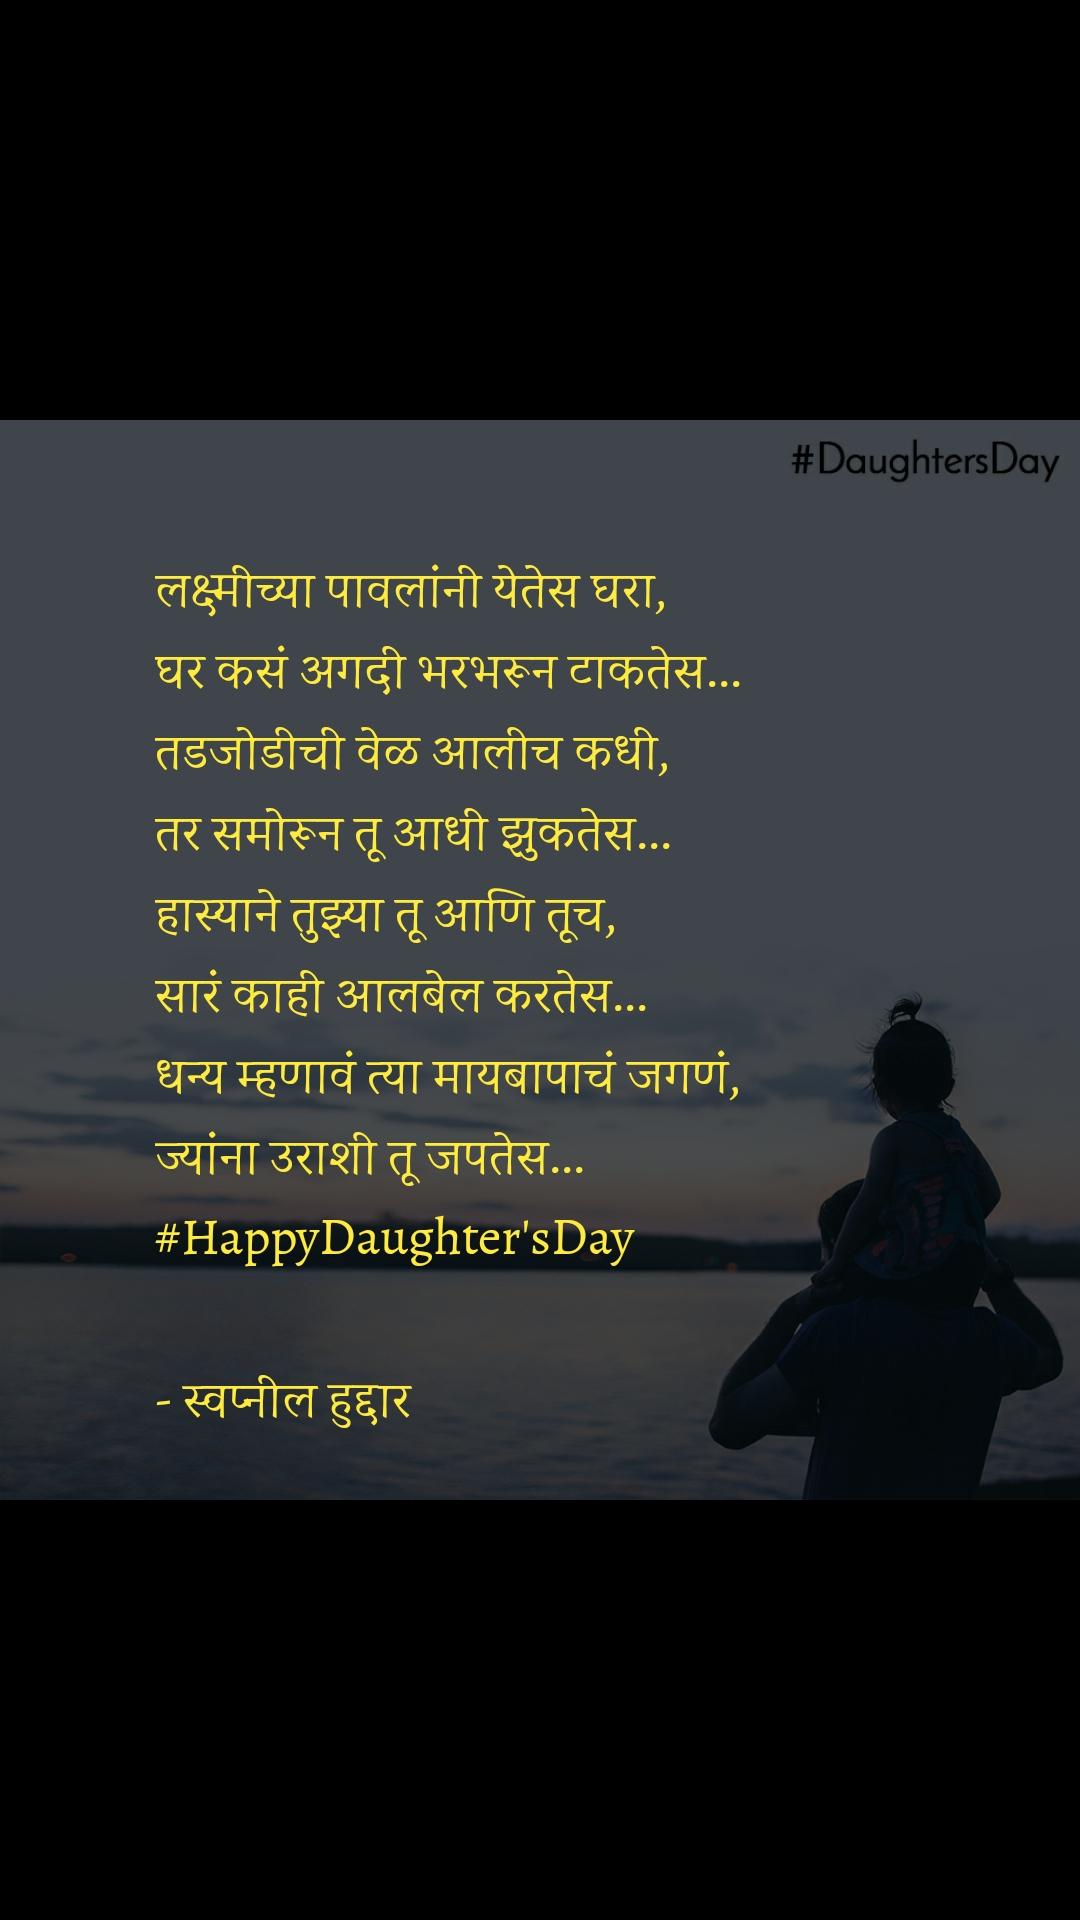 #DaughtersDay  लक्ष्मीच्या पावलांनी येतेस घरा, घर कसं अगदी भरभरून टाकतेस... तडजोडीची वेळ आलीच कधी, तर समोरून तू आधी झुकतेस... हास्याने तुझ्या तू आणि तूच, सारं काही आलबेल करतेस... धन्य म्हणावं त्या मायबापाचं जगणं, ज्यांना उराशी तू जपतेस... #HappyDaughter'sDay  - स्वप्नील हुद्दार